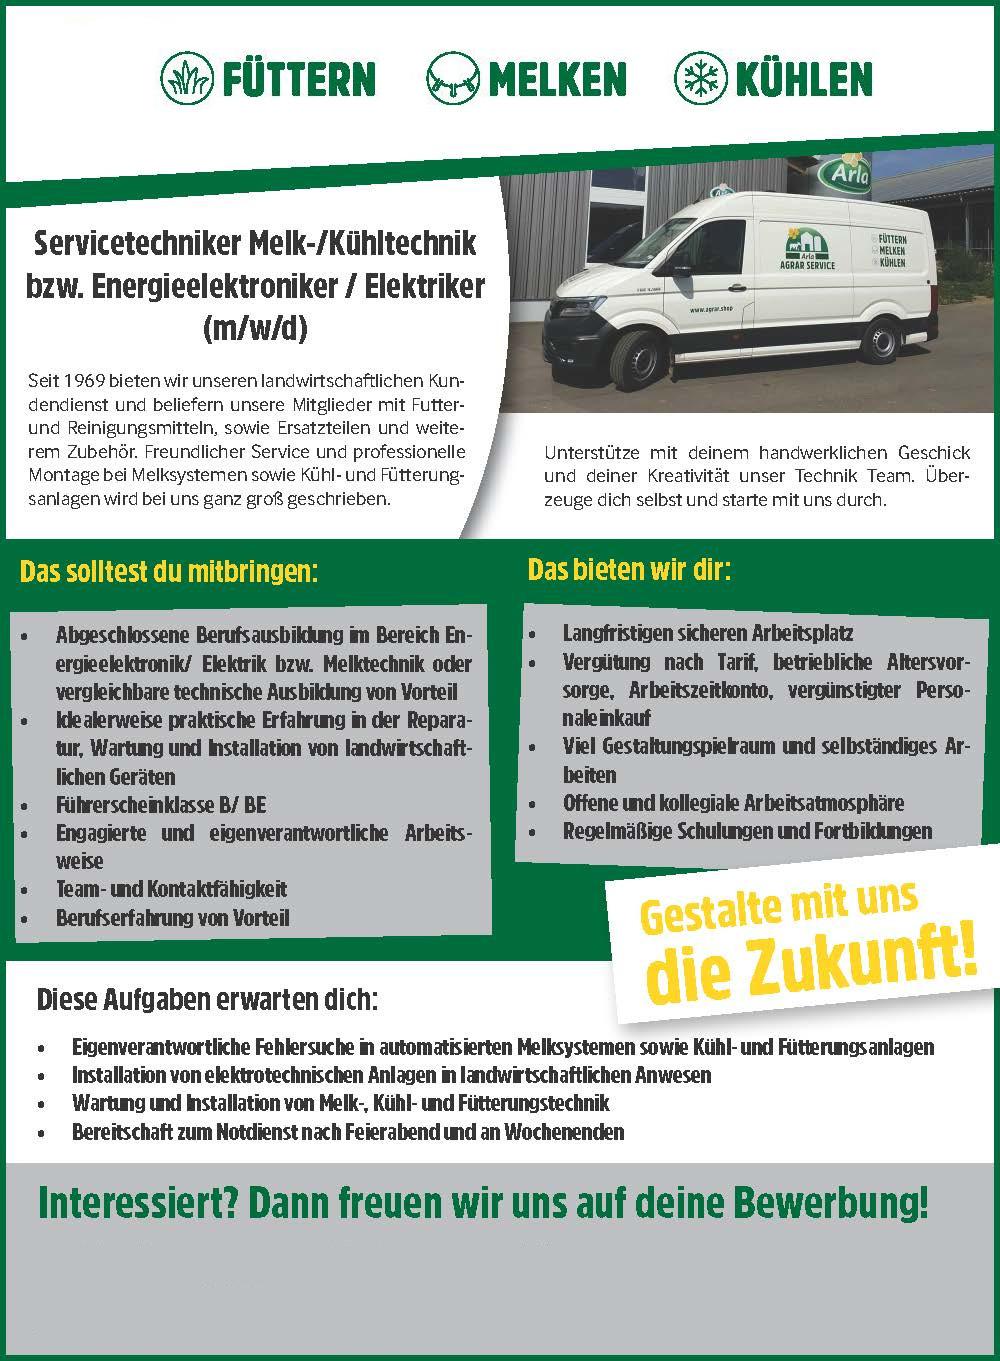 Stellenausschreiung_Servicetechniker_20-08-2020_jescm